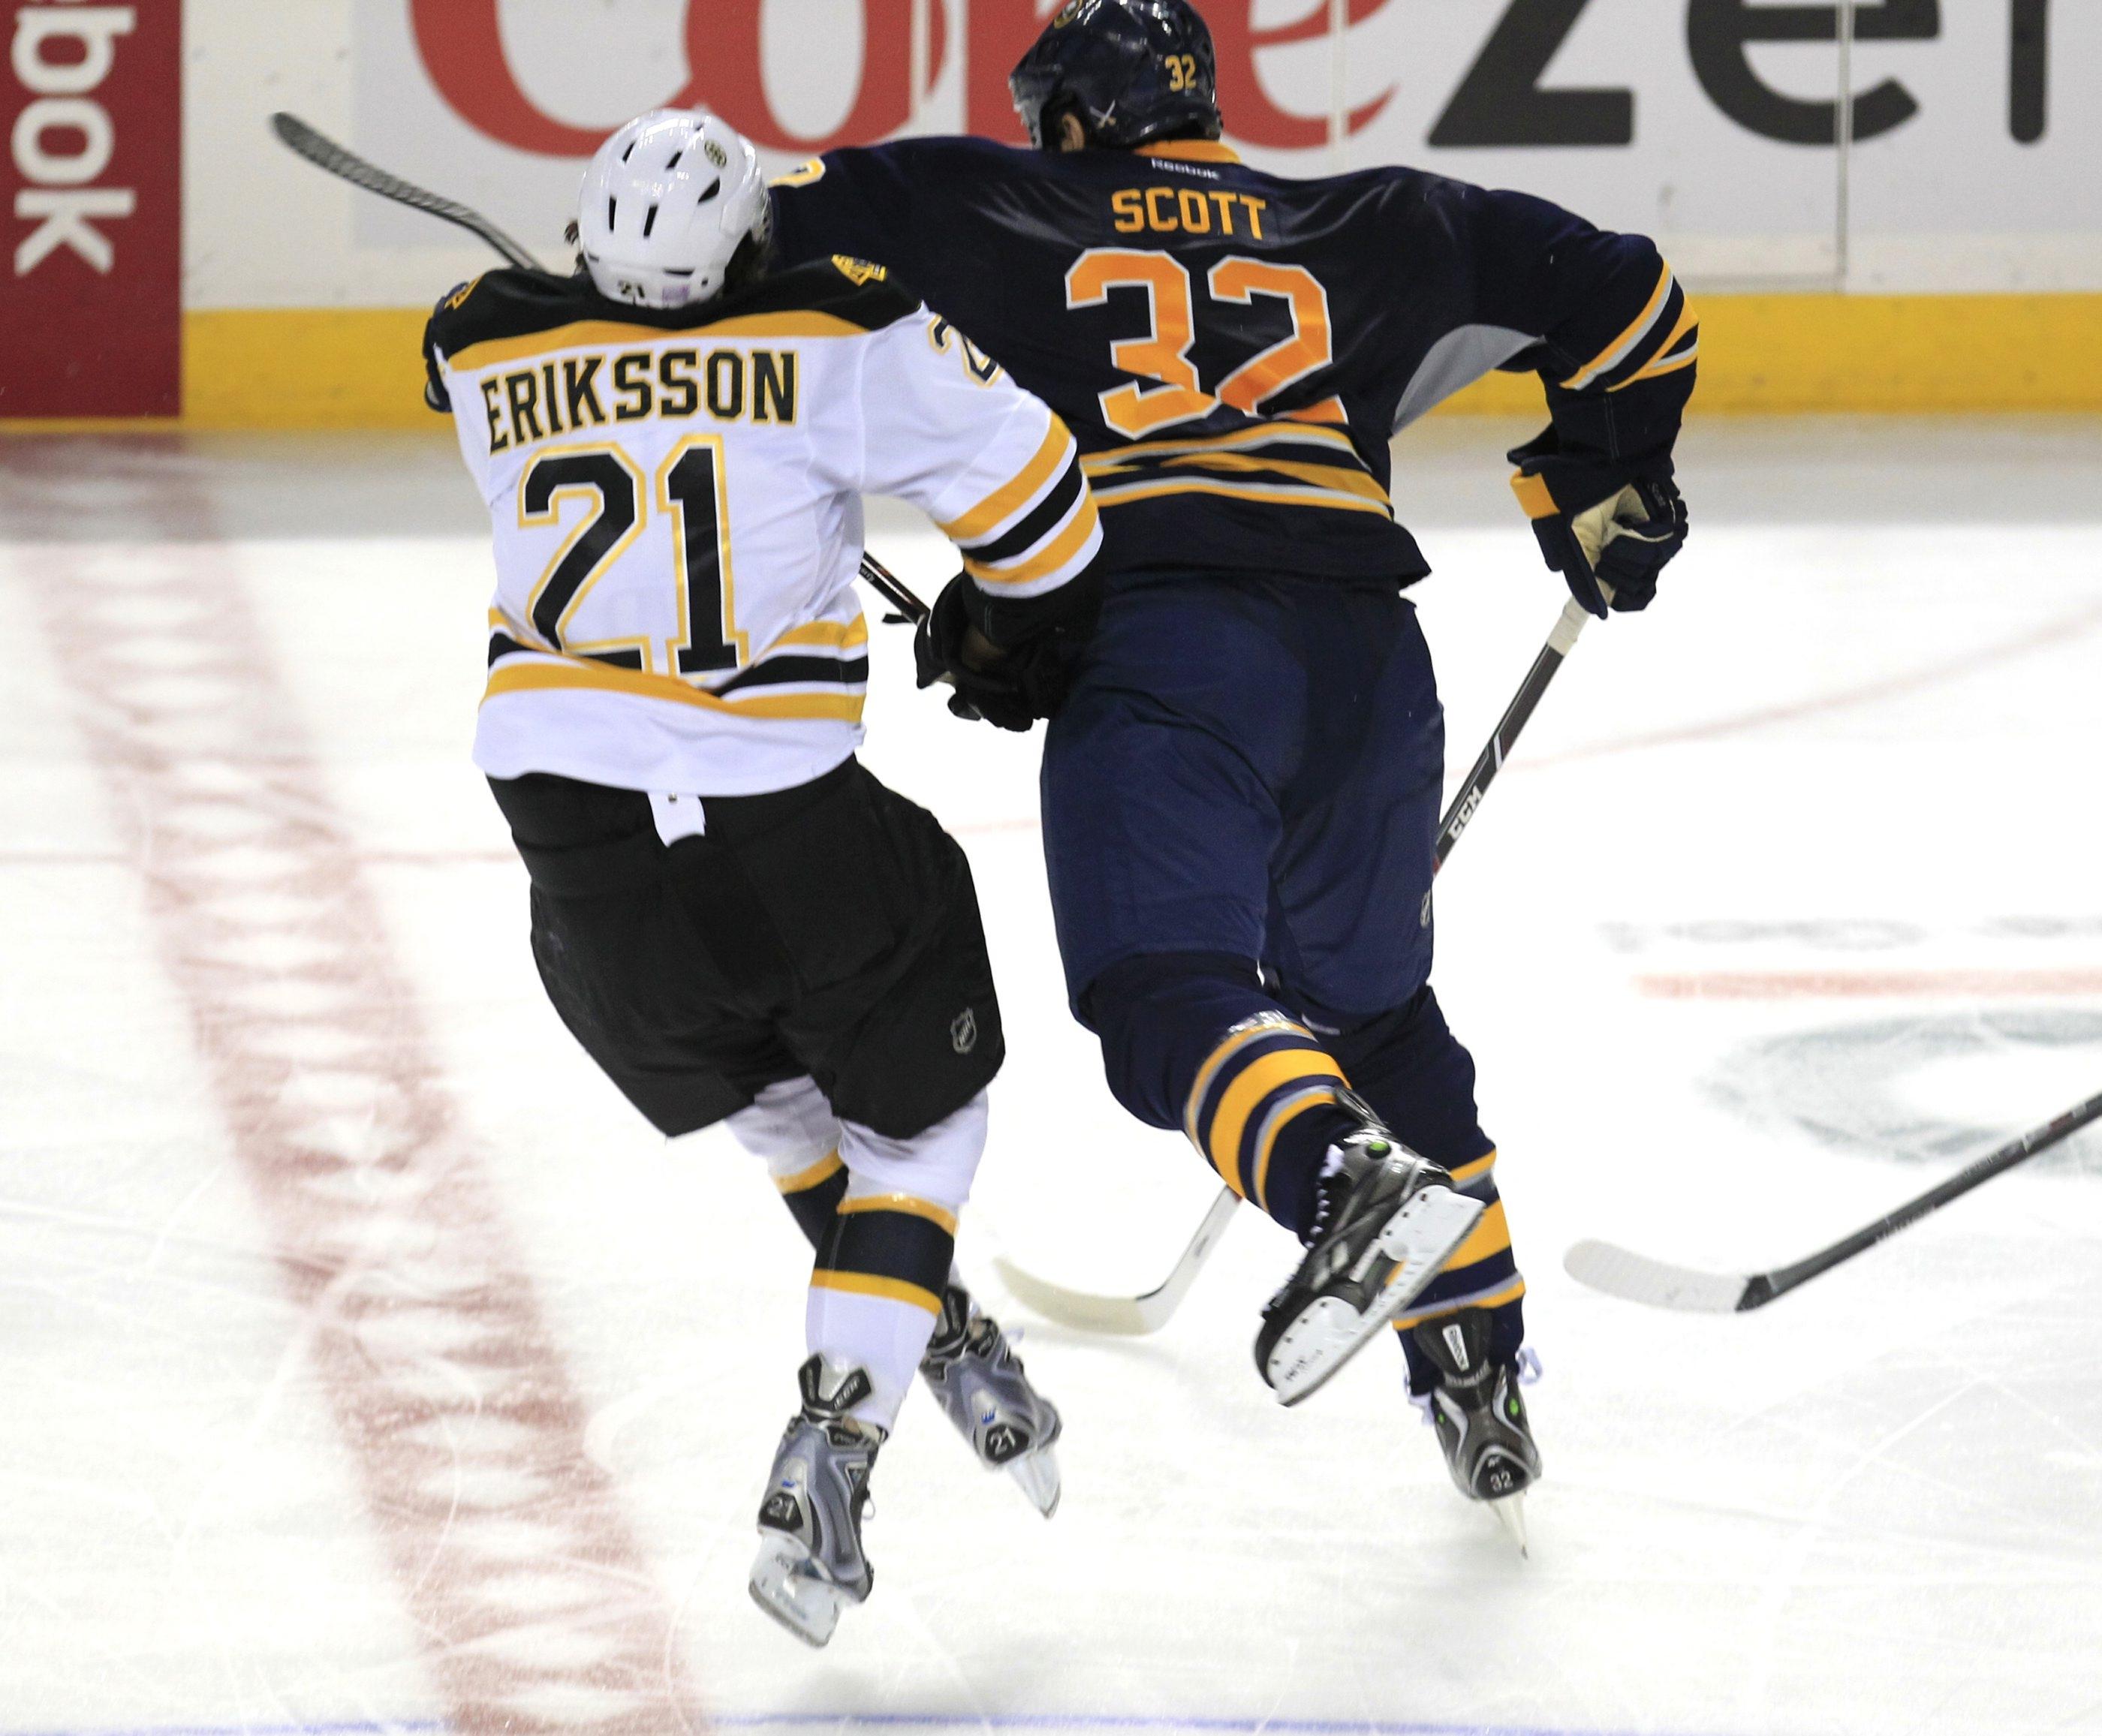 Buffalo Sabre John Scott (32) checks Boston Bruin Loui Eriksson (21)  during third period action  at the First Niagara Center Wednesday. (Harry Scull Jr./Buffalo News)